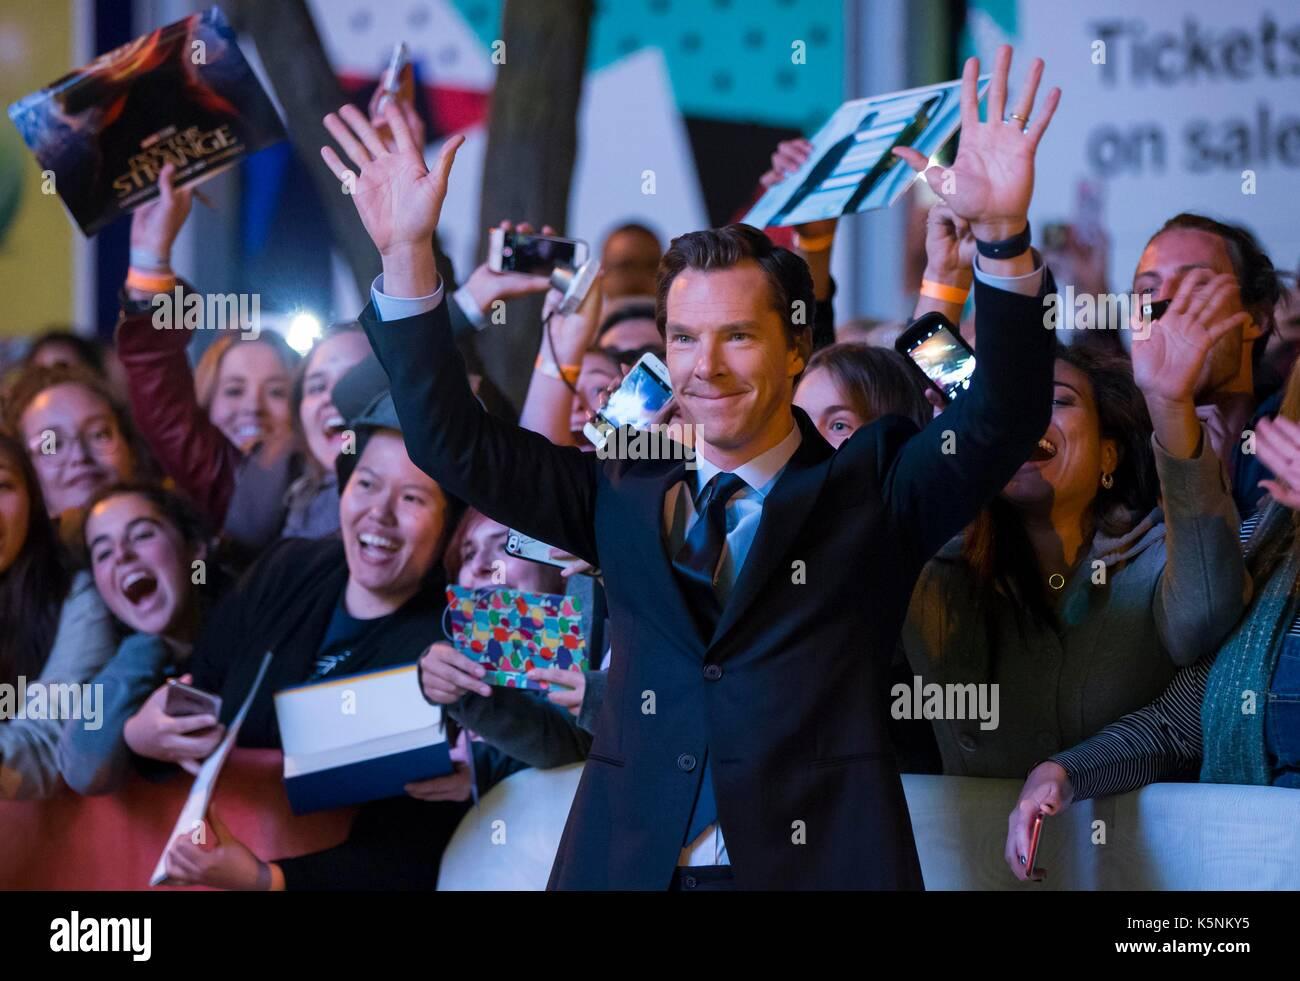 Toronto, Canada. Sep 9, 2017. L'acteur benedict cumberbatch (avant) pose pour des photos avec les fans comme Photo Stock